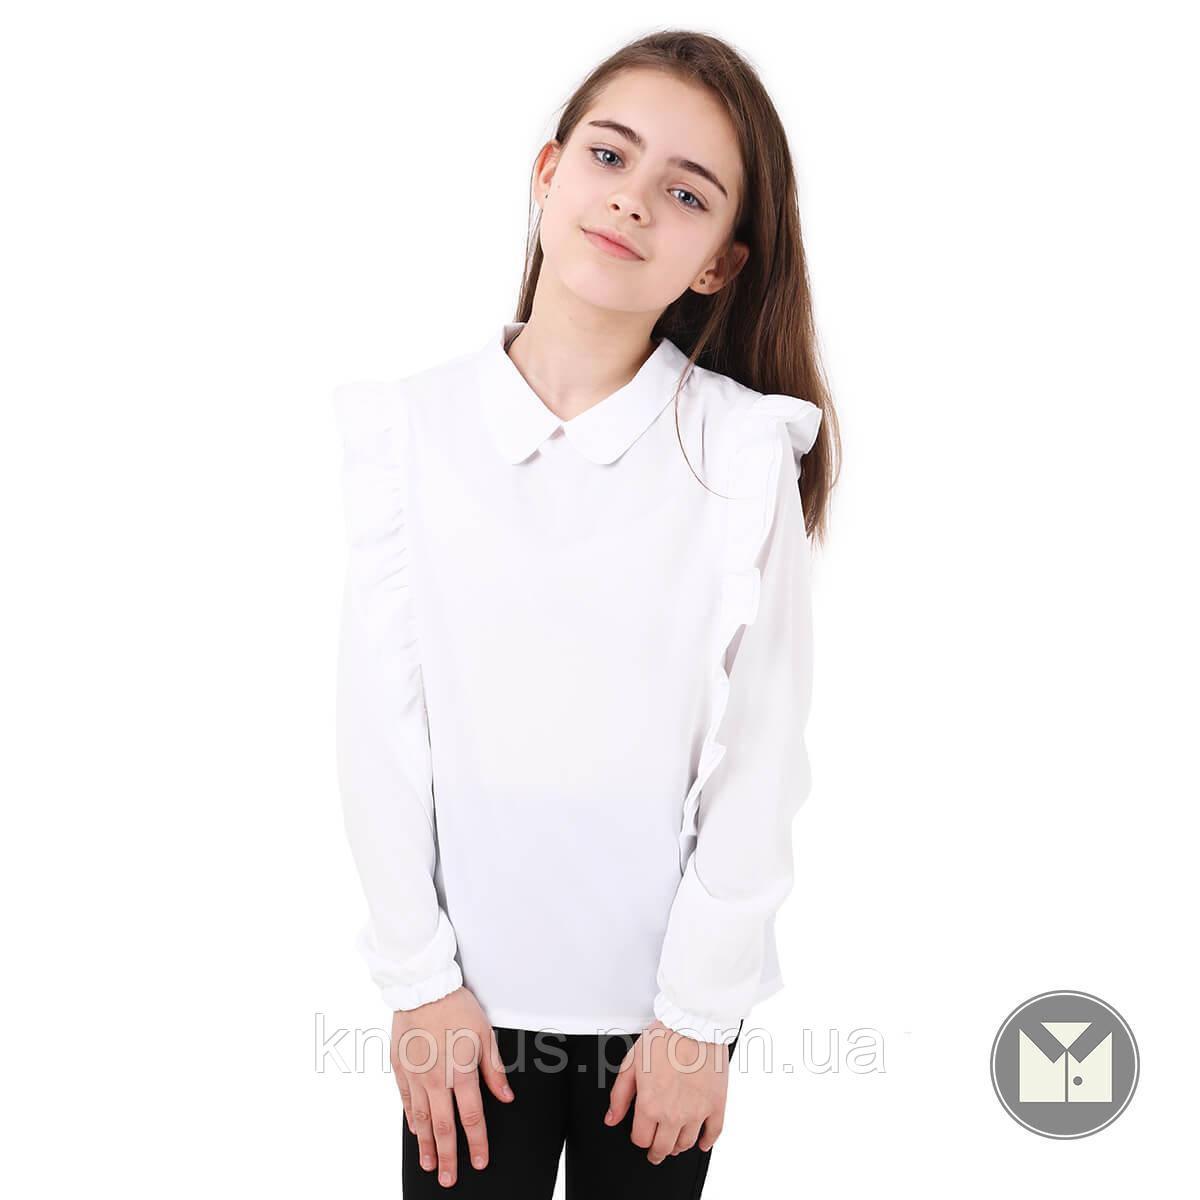 Блуза  белая с длинным рукавом с воланами Milena, Katrin, Тимбо